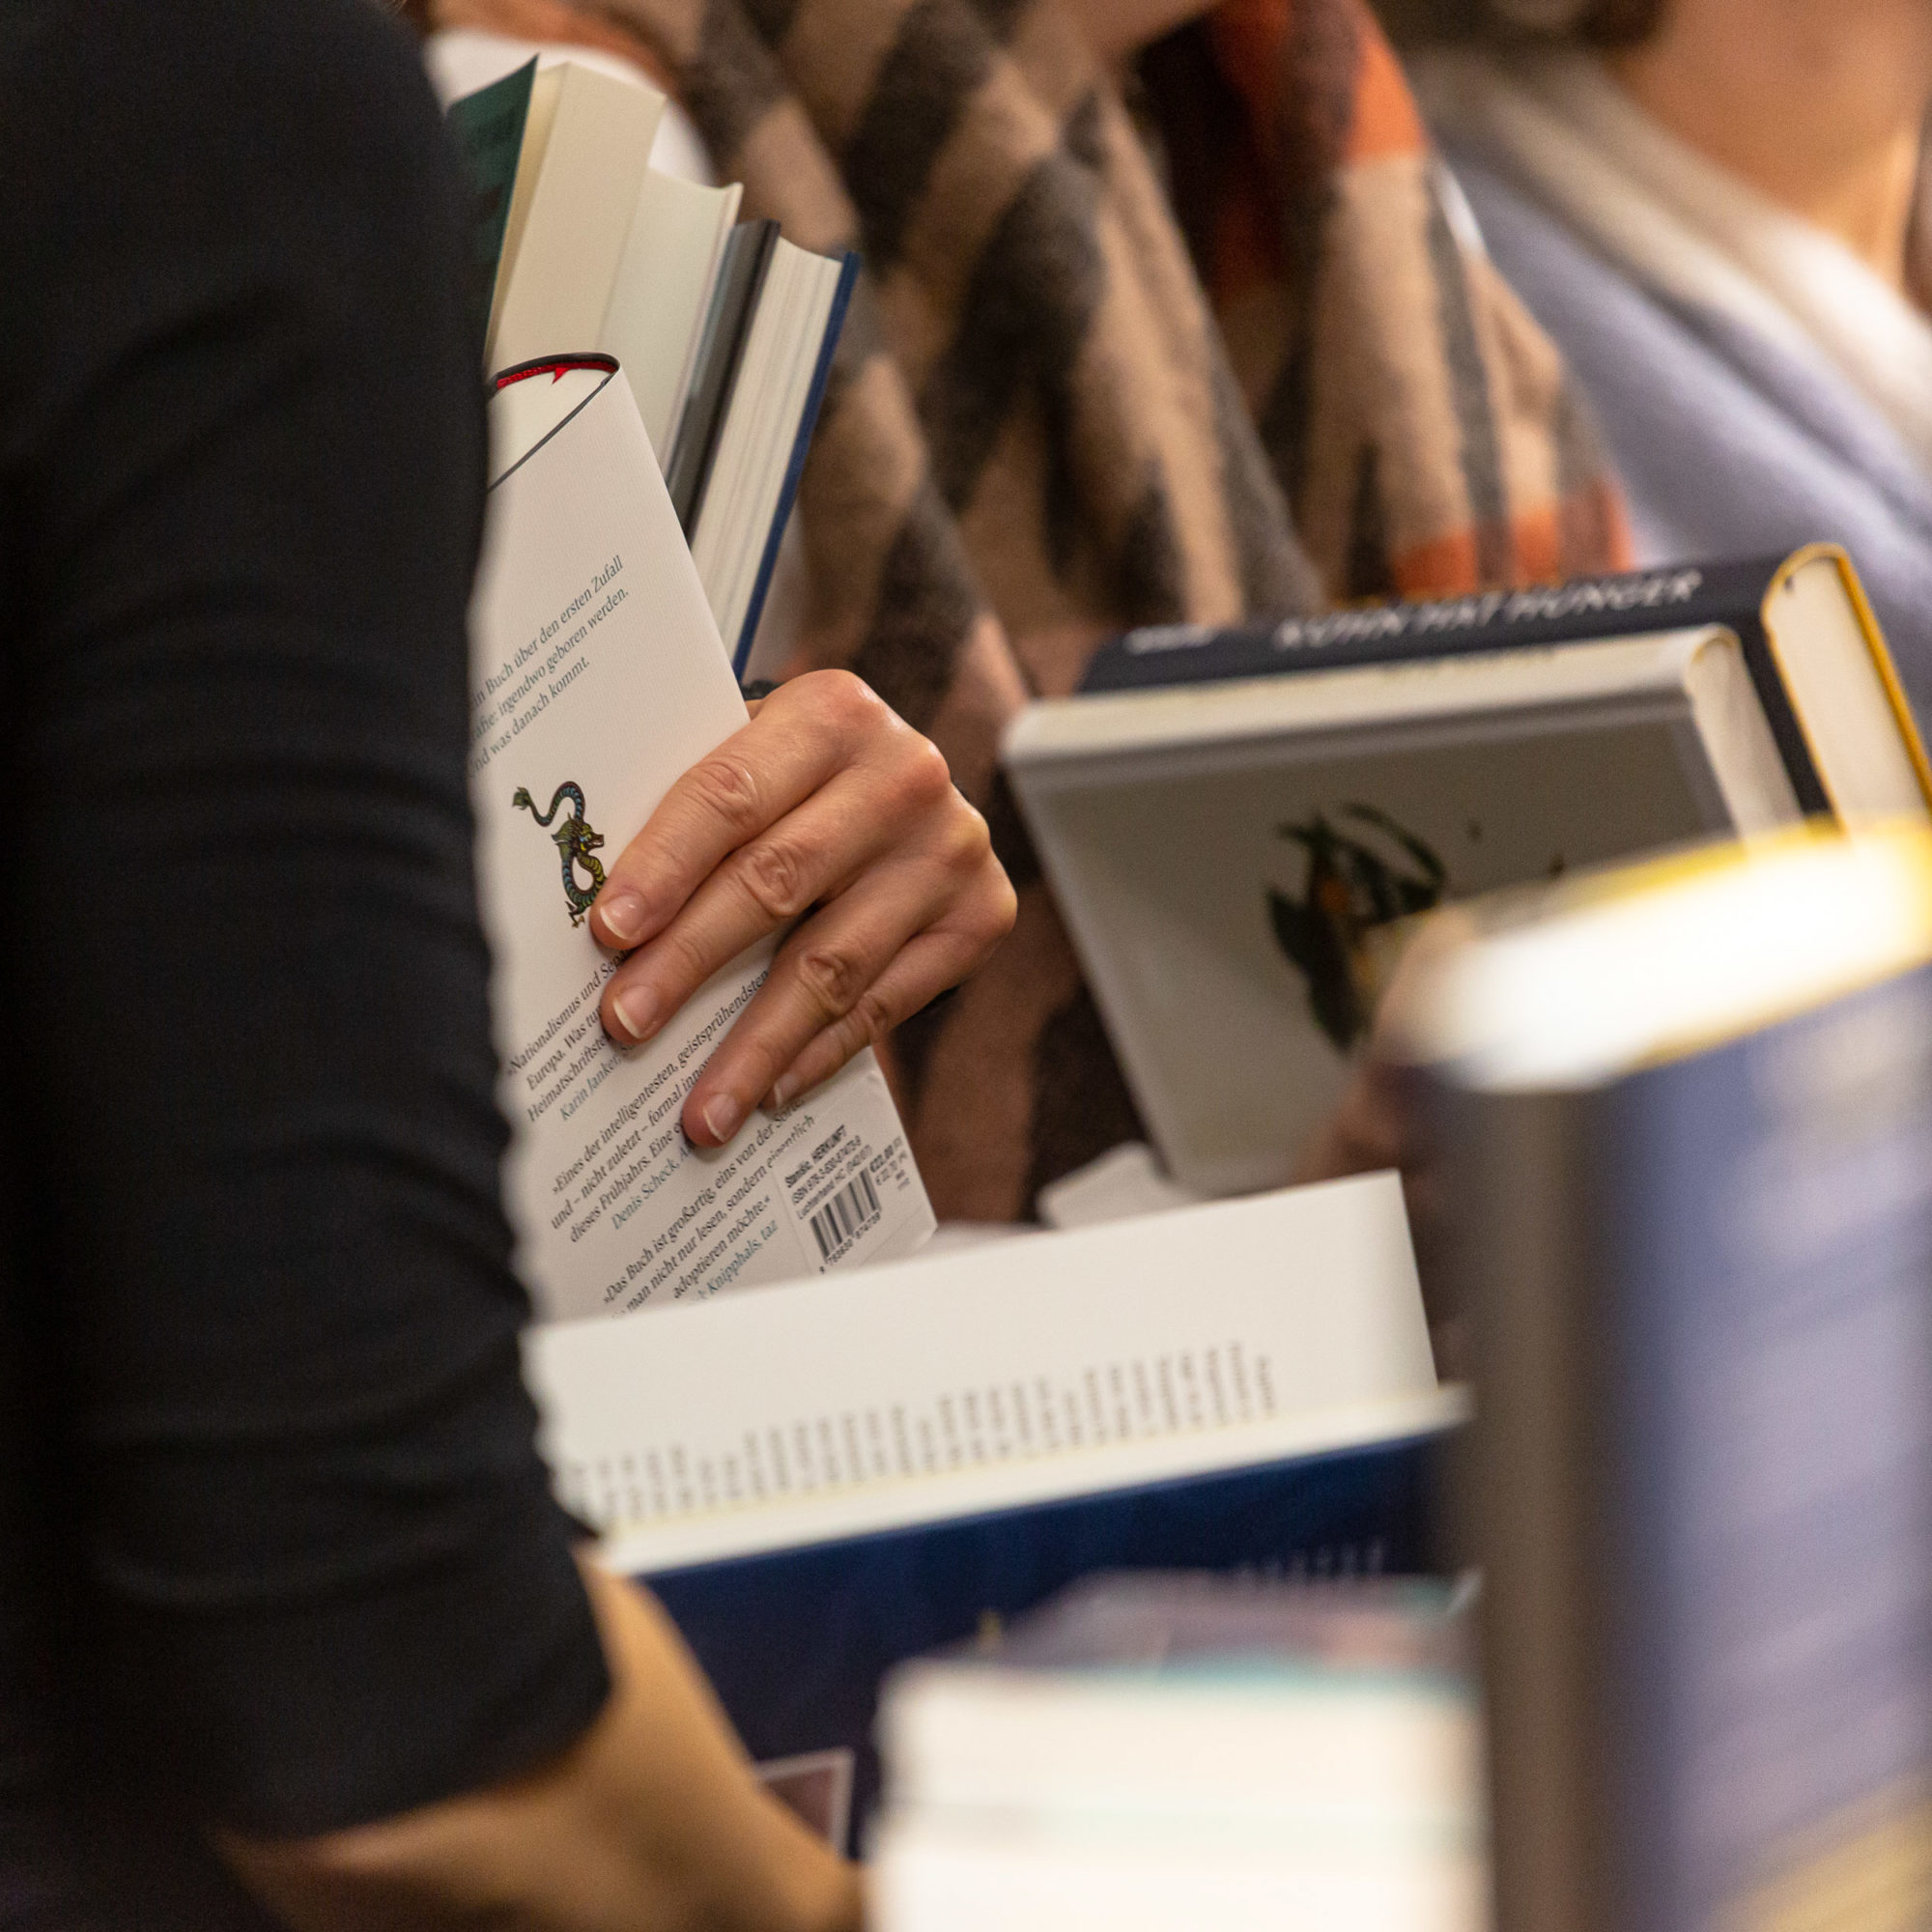 Feierabendliteratur zur Woche der unabhaengigen Buchhandlungen